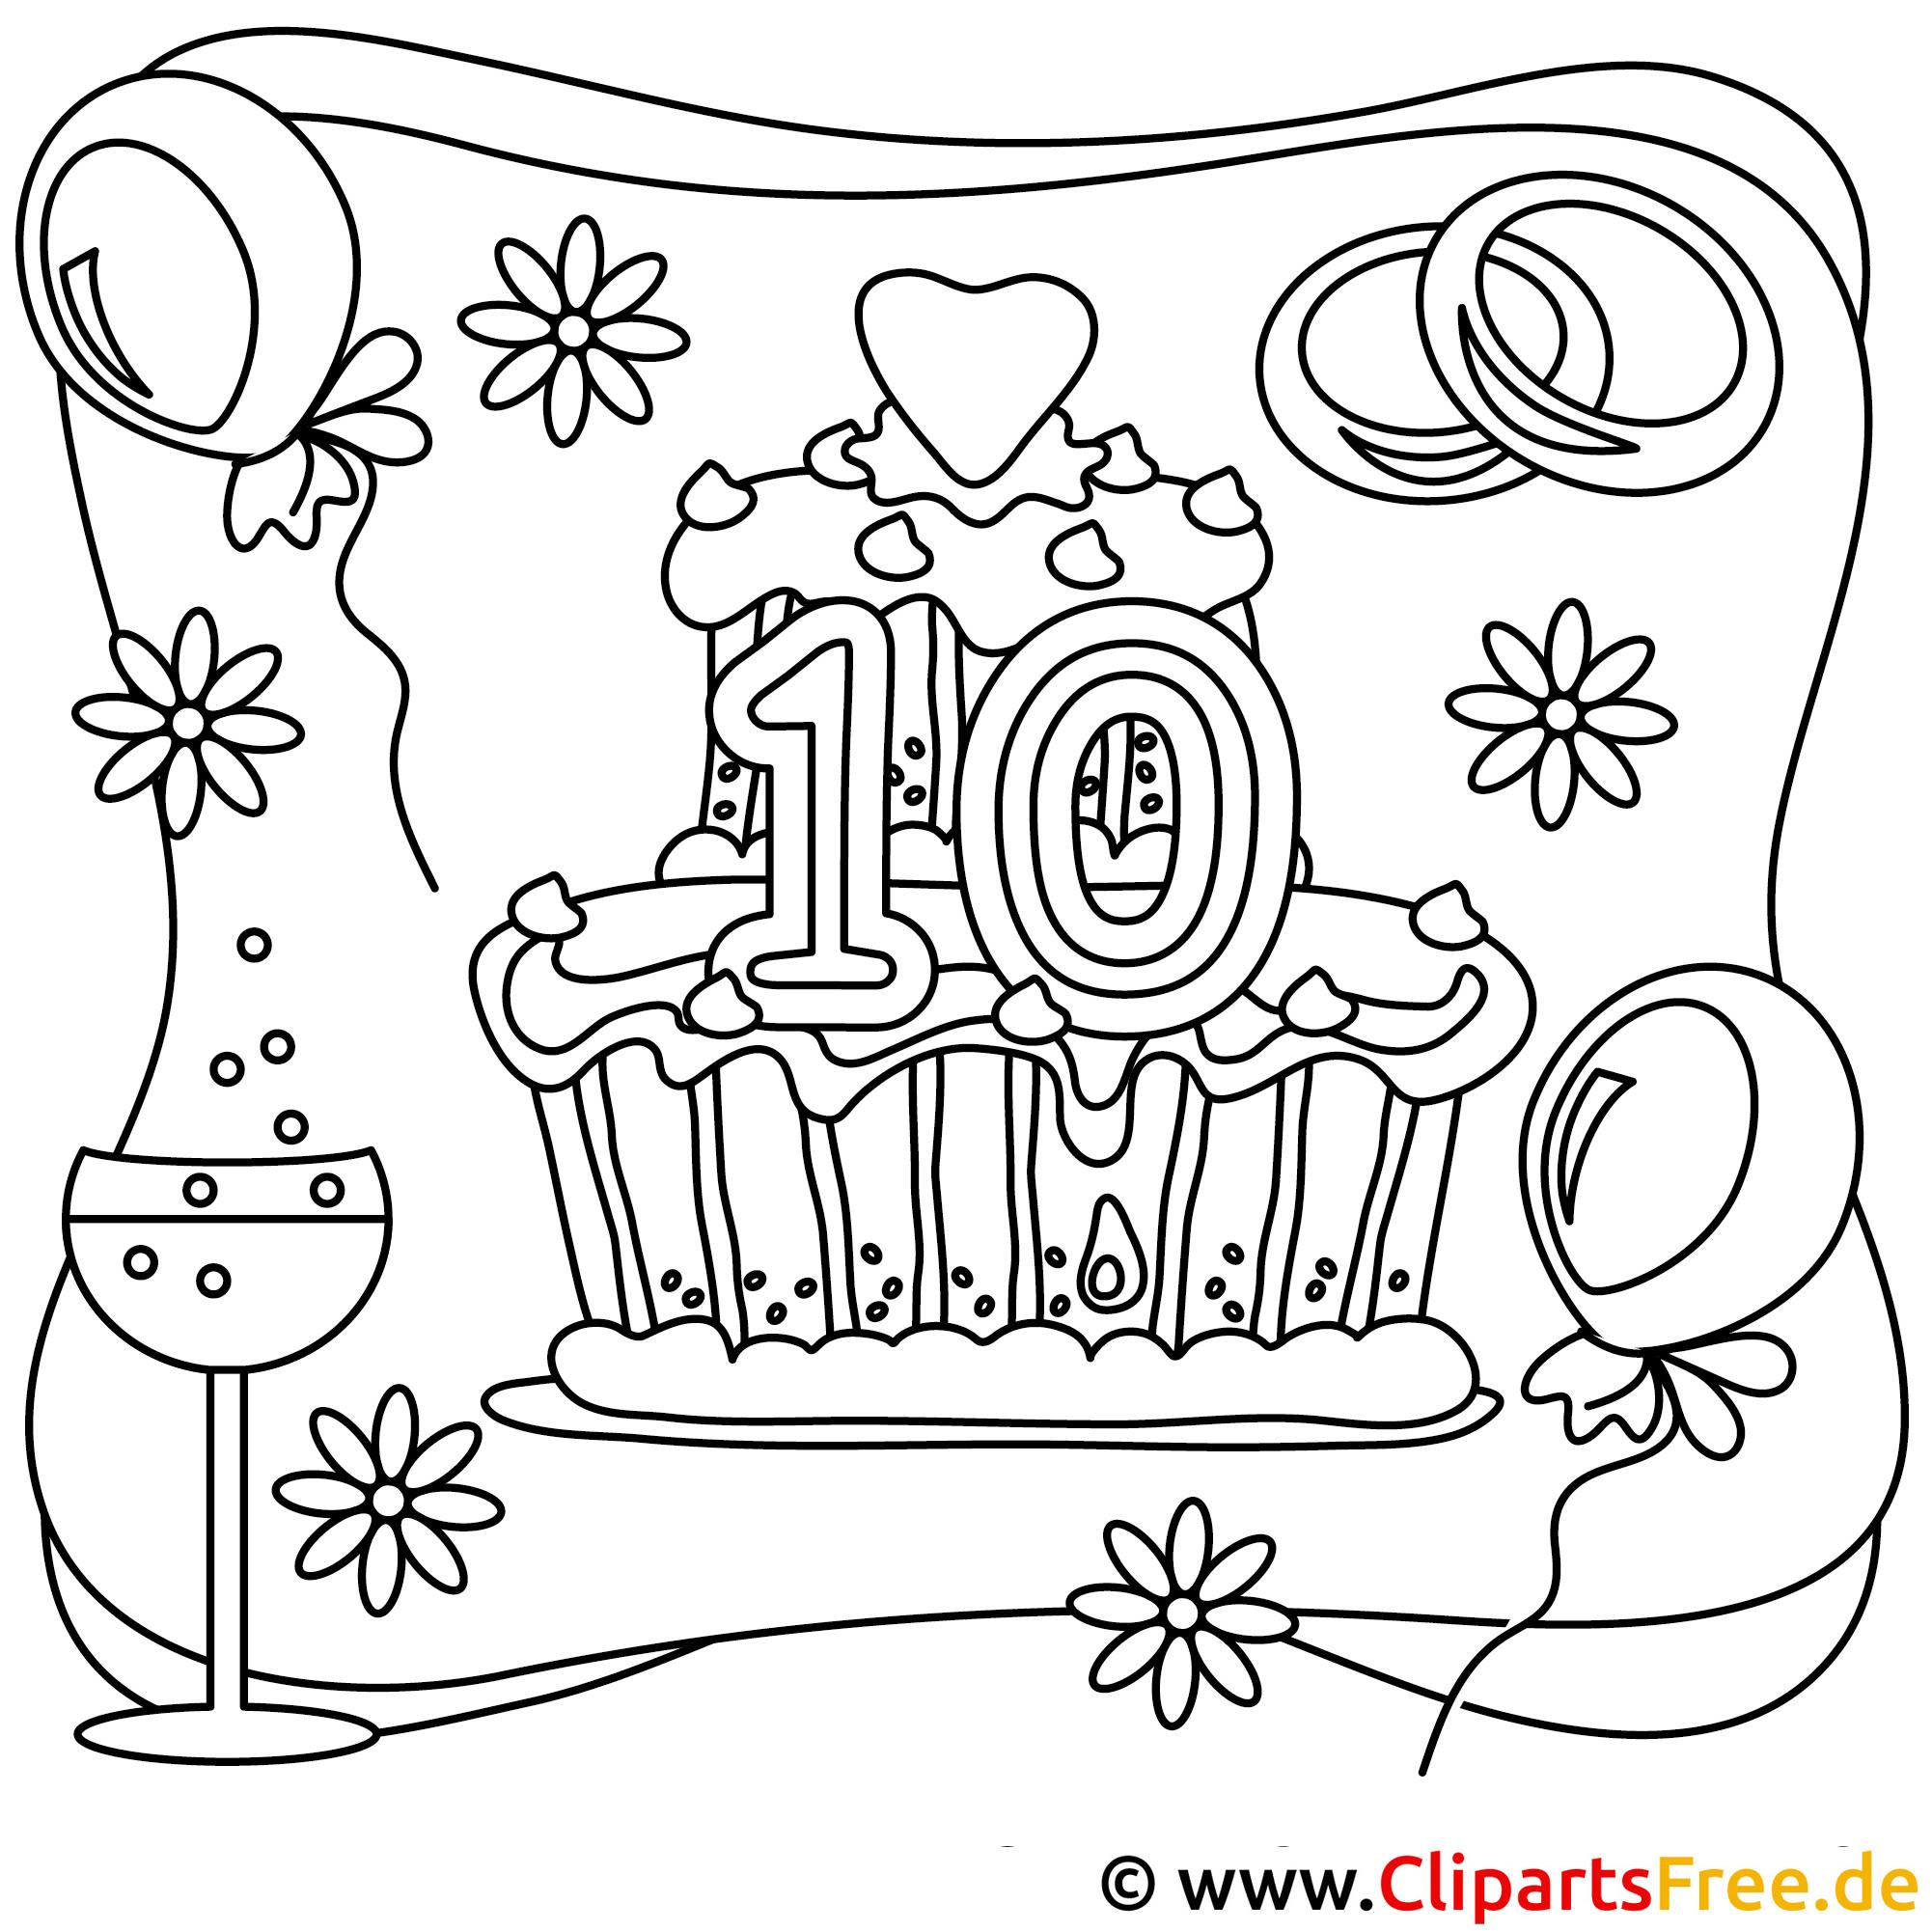 Kuchen fuer Kindergeburtstag